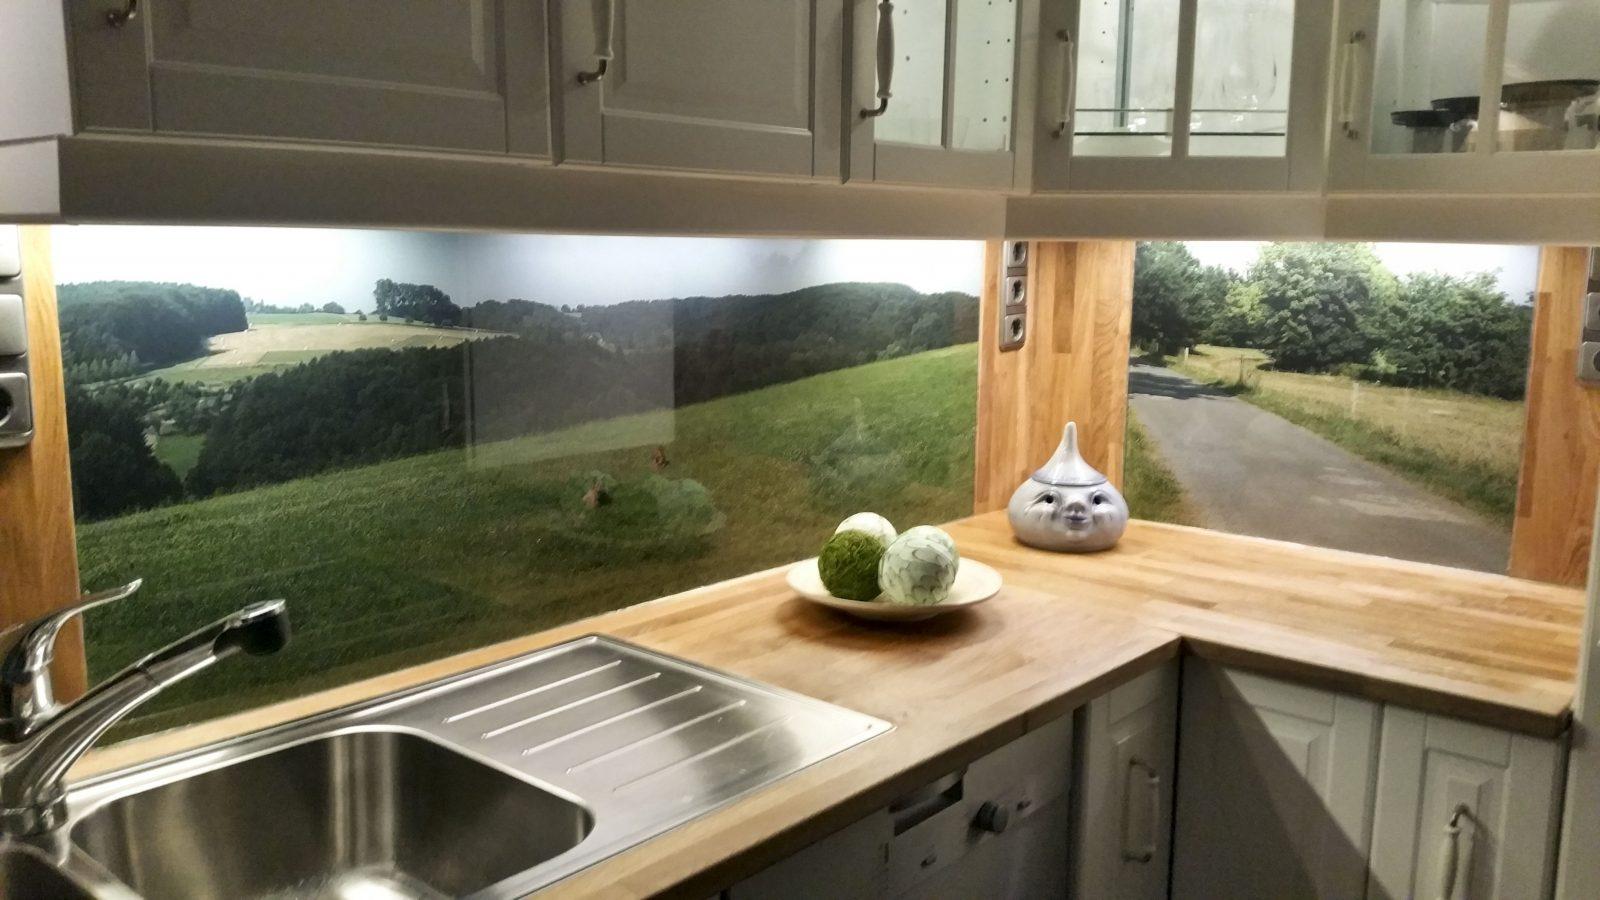 Küchenrückwand Aus Esgglas Mit Eigenem Motiv  Кухня In 2019 von Spritzschutz Küche Selber Machen Bild